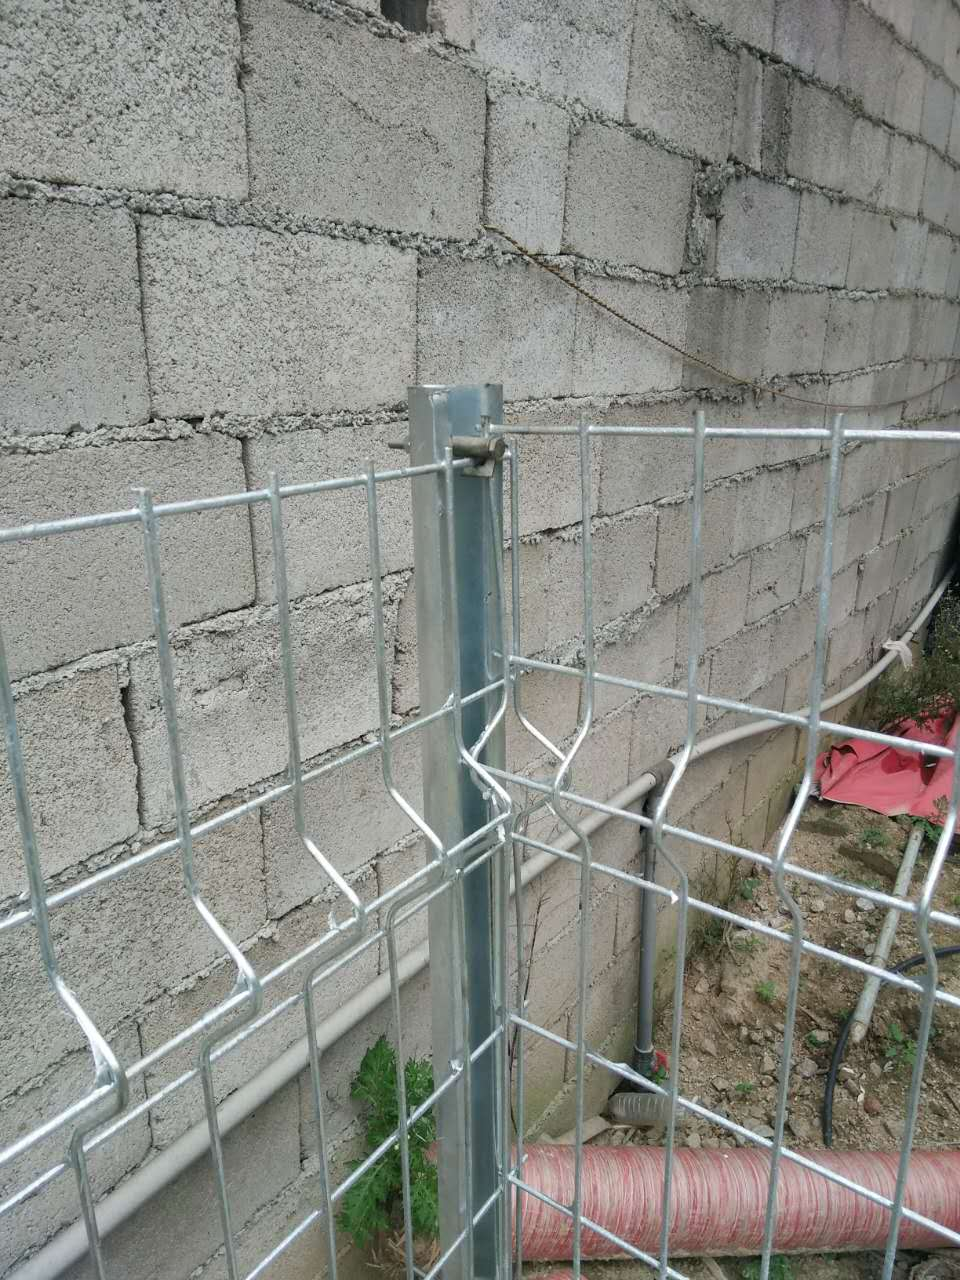 折弯网片折弯护栏三角折弯护栏网安装移动式护栏价格行情-选质量好的移动式护栏-就到昊恒